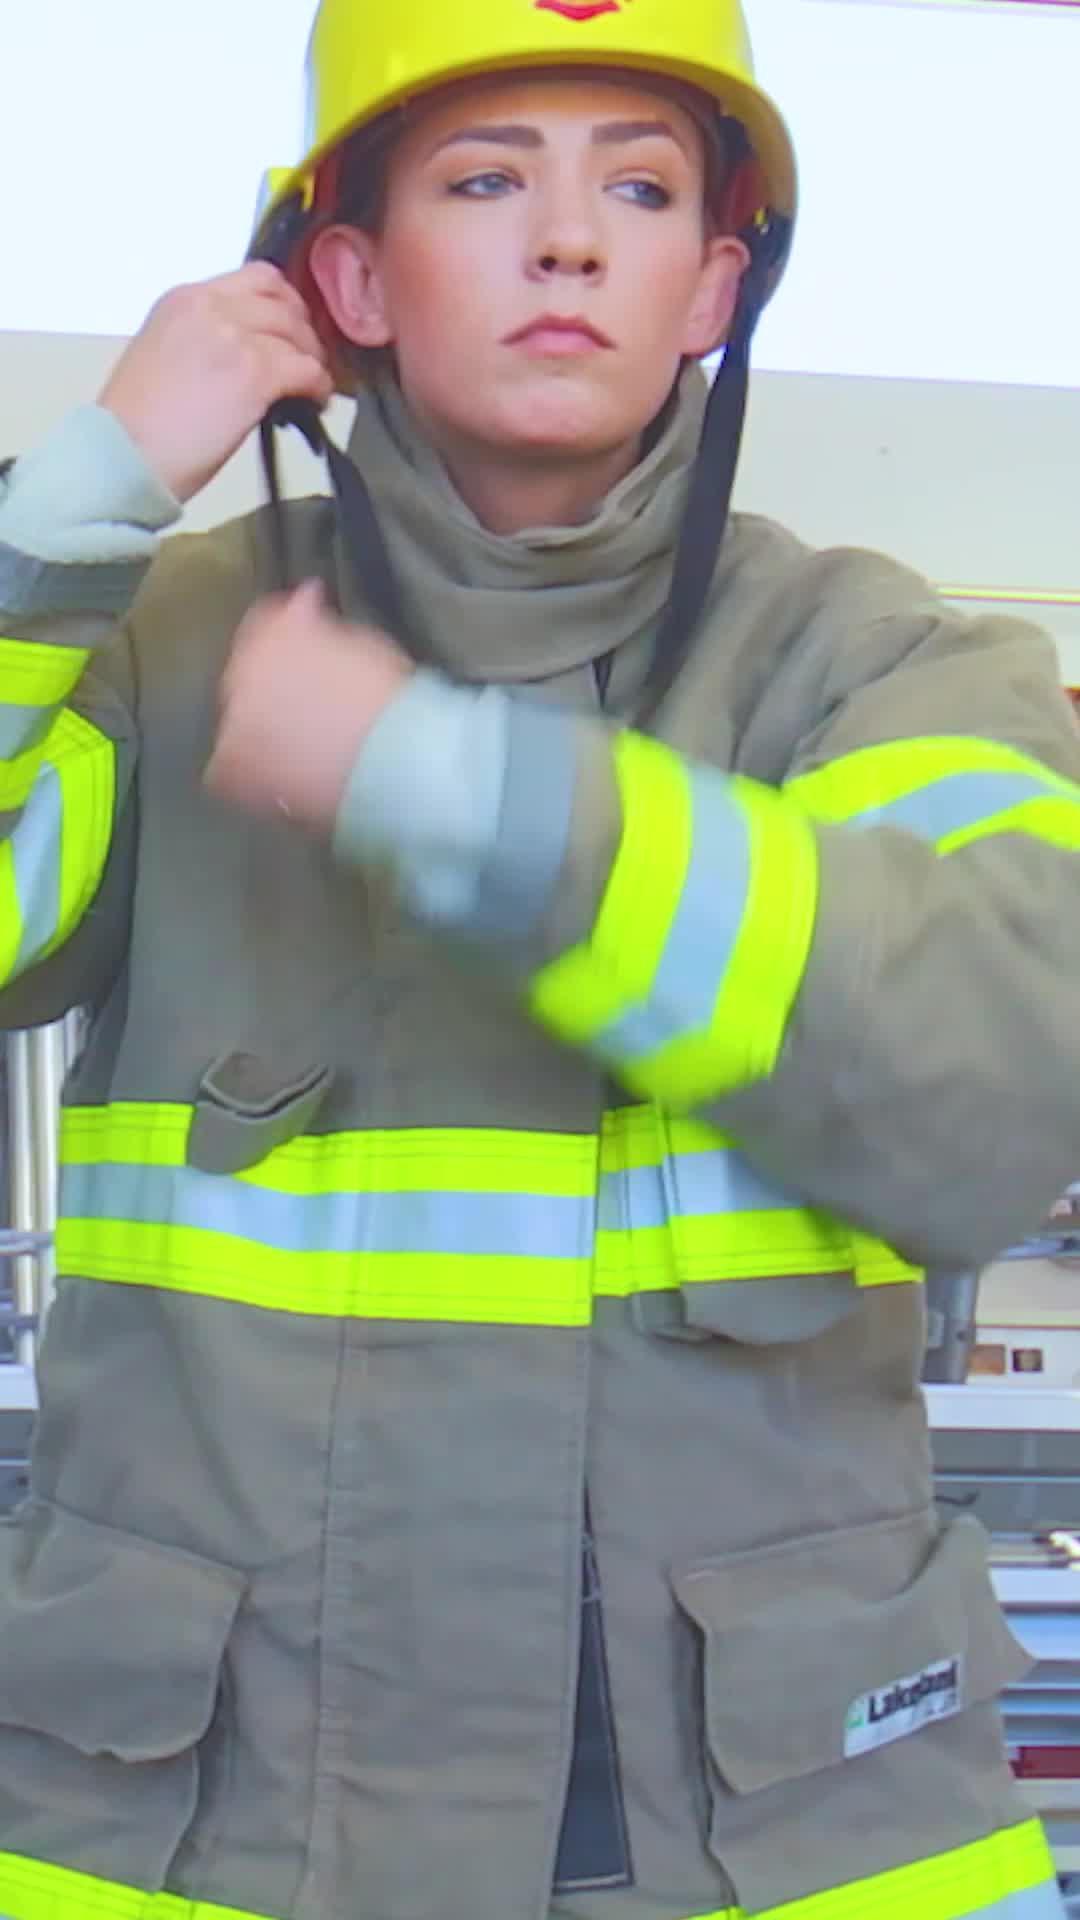 fireacademy_portrait_loop_update